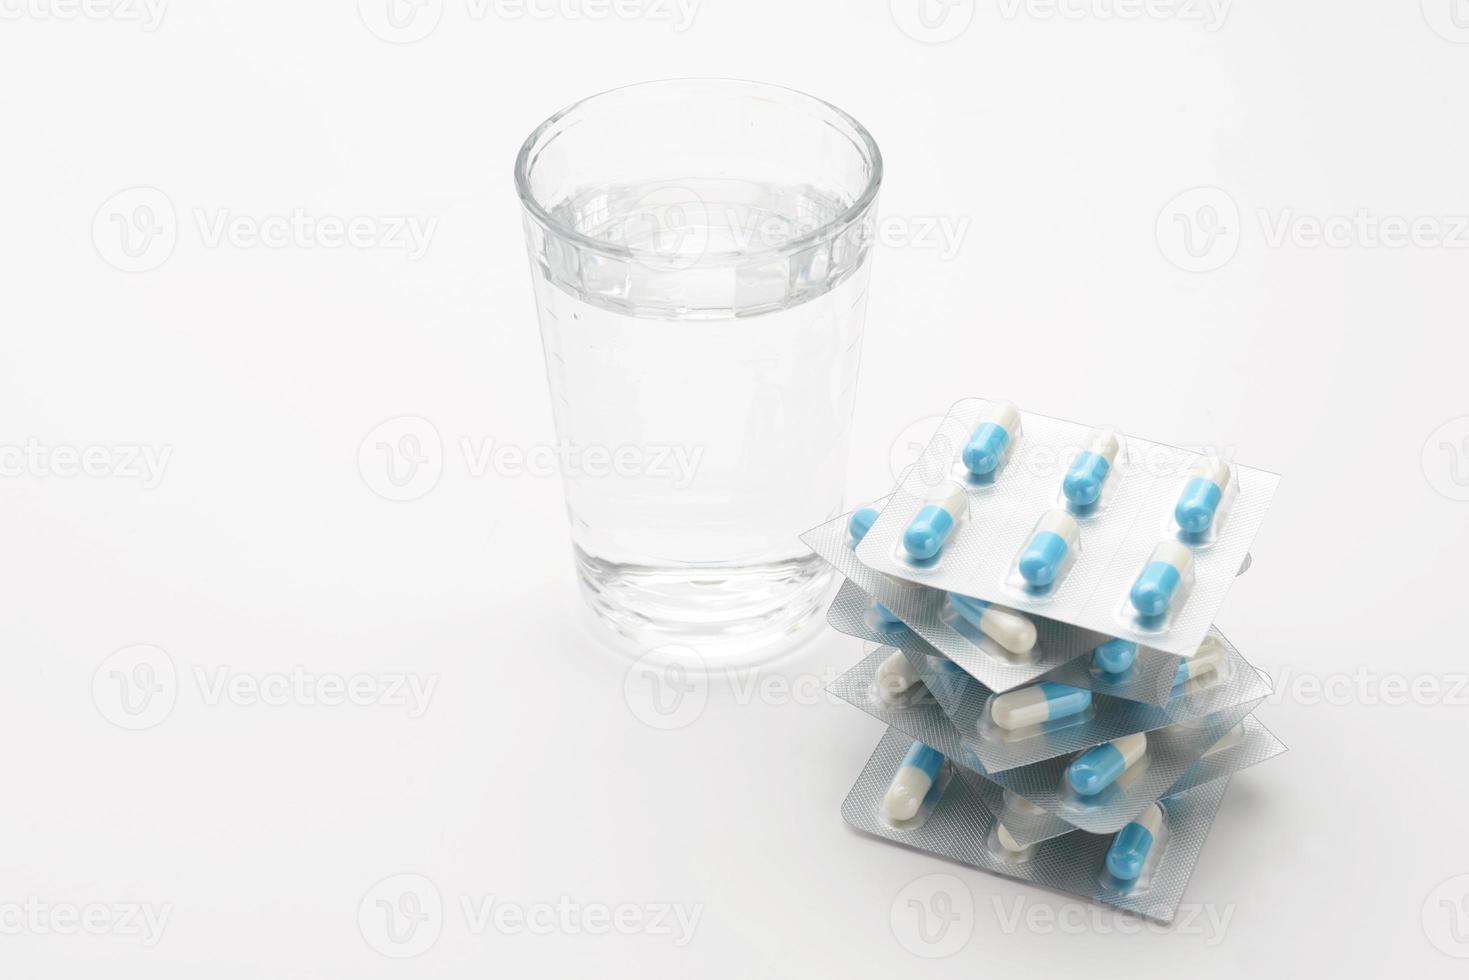 capsule confezionate e bicchiere d'acqua foto